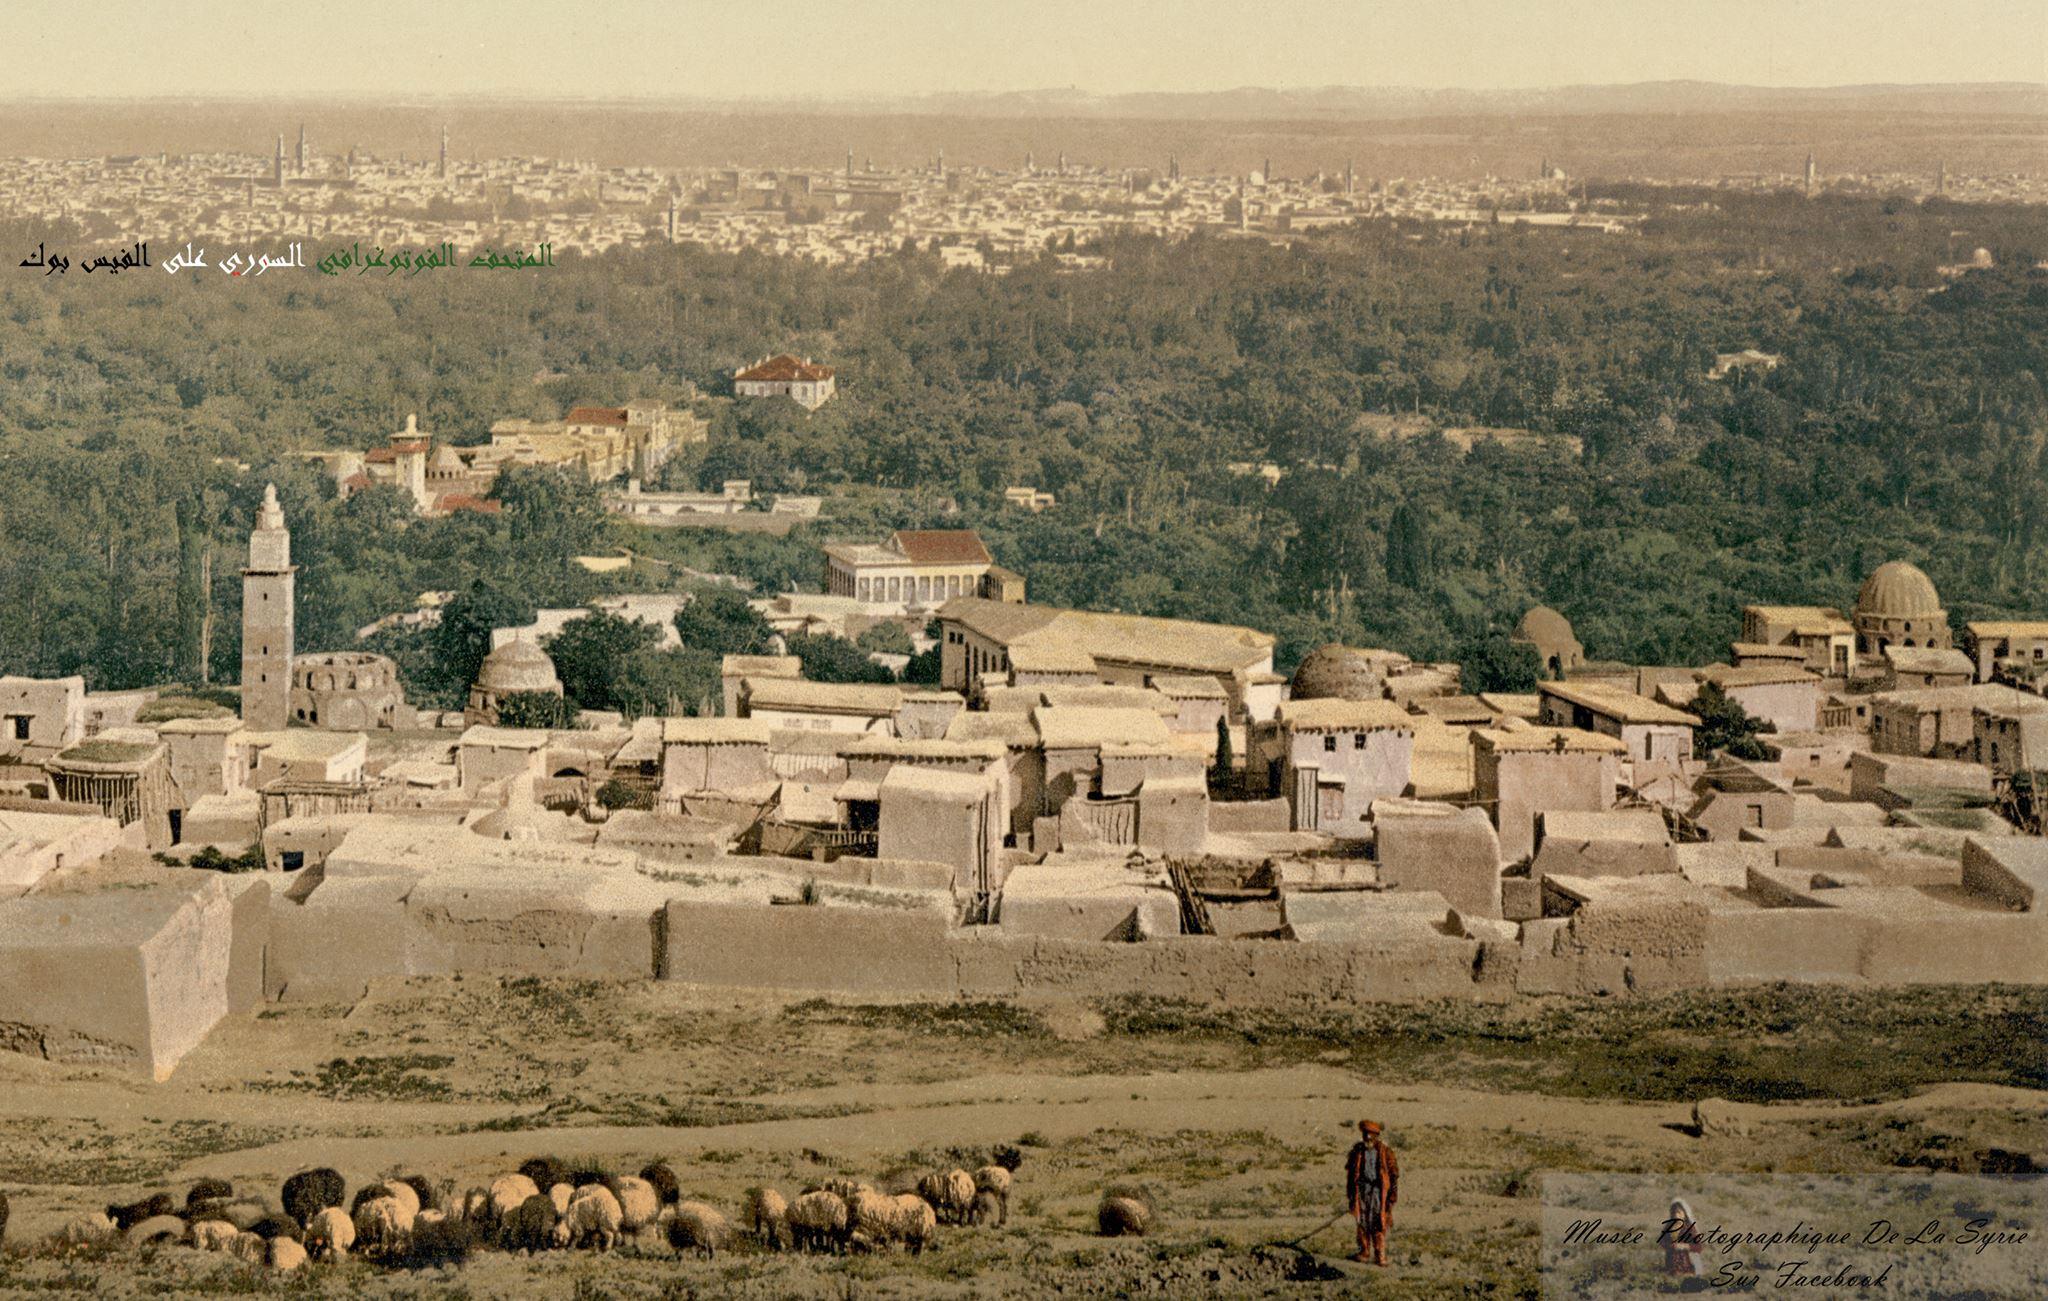 دمشق - راعي أغنام في الصالحية مطلع القرن العشرين